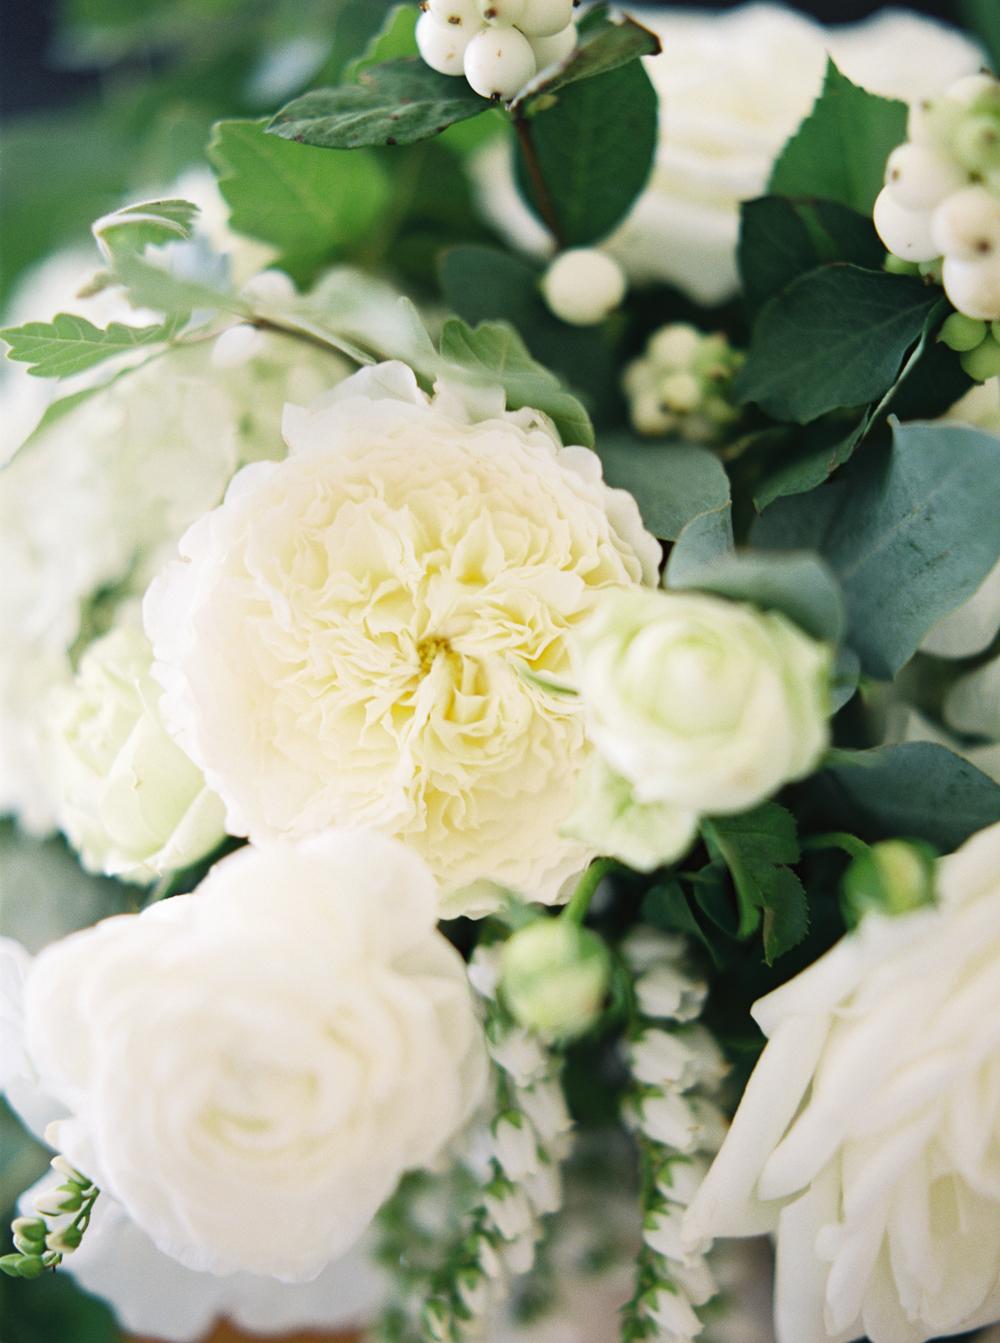 0005-When-He-Found-Her-Muskoka-JW Marriott-The Rosseau-shea-events-sweet-woodruff-canadian-resort-wedding.jpg